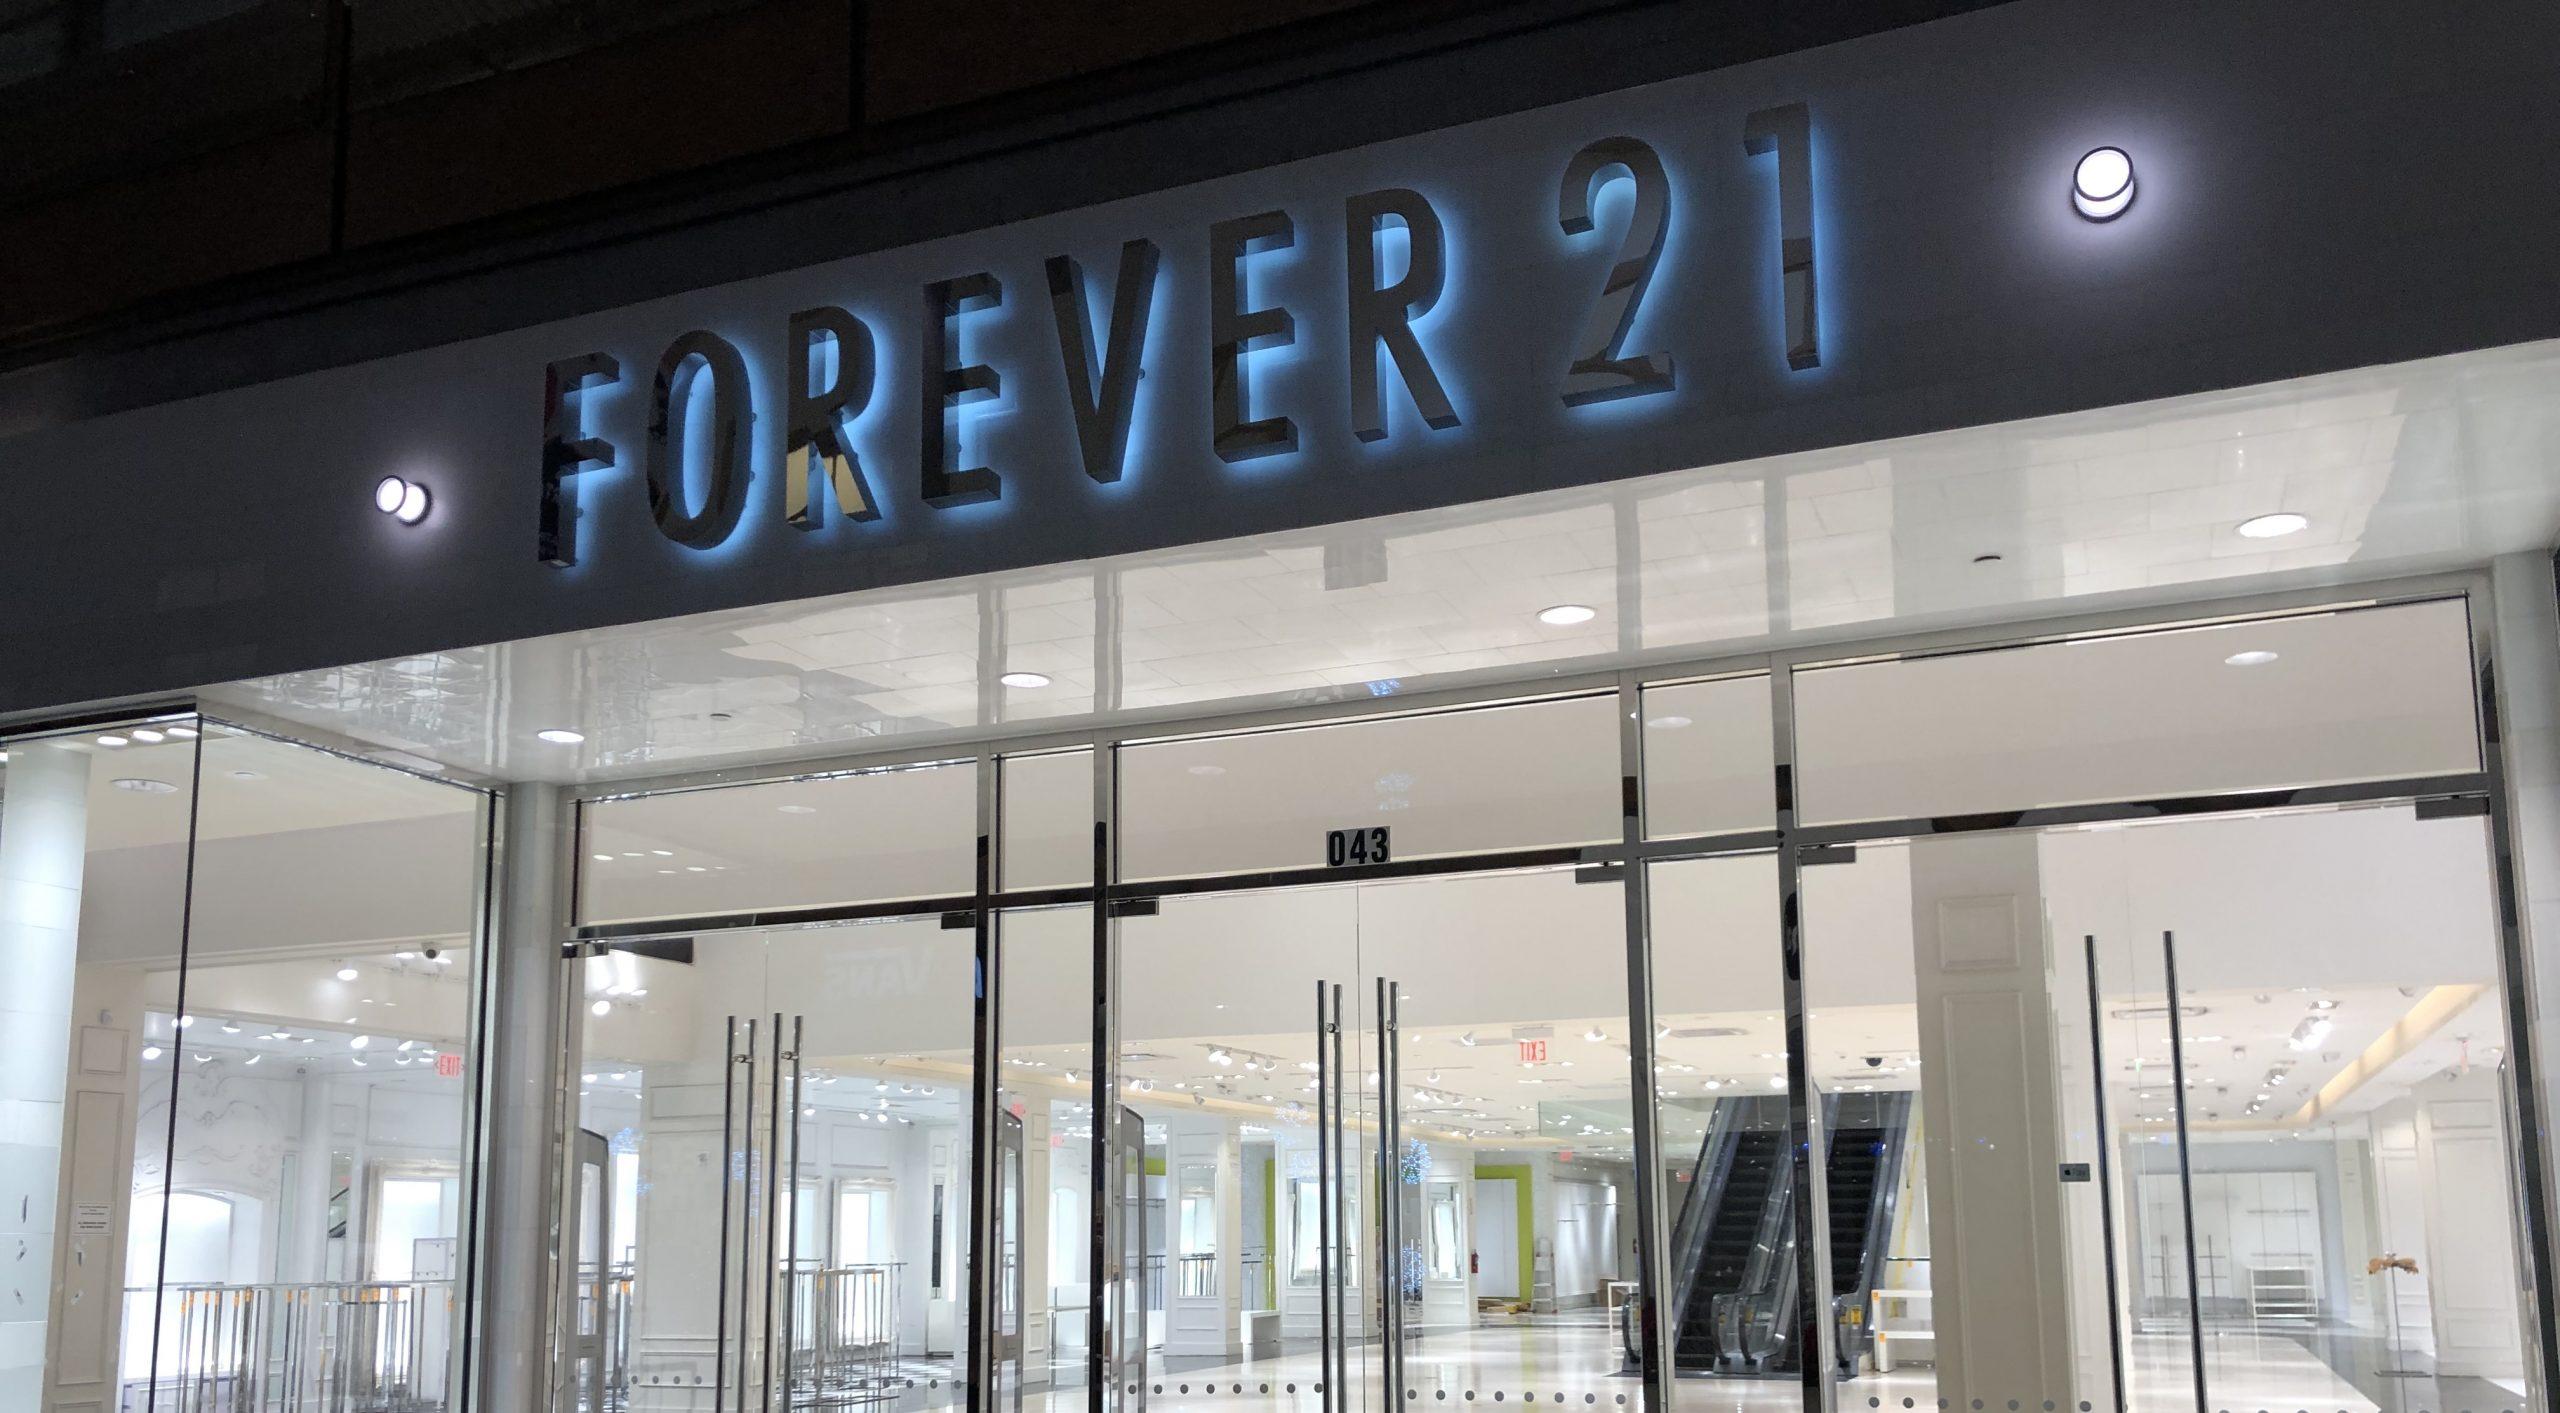 Not So Forever 21